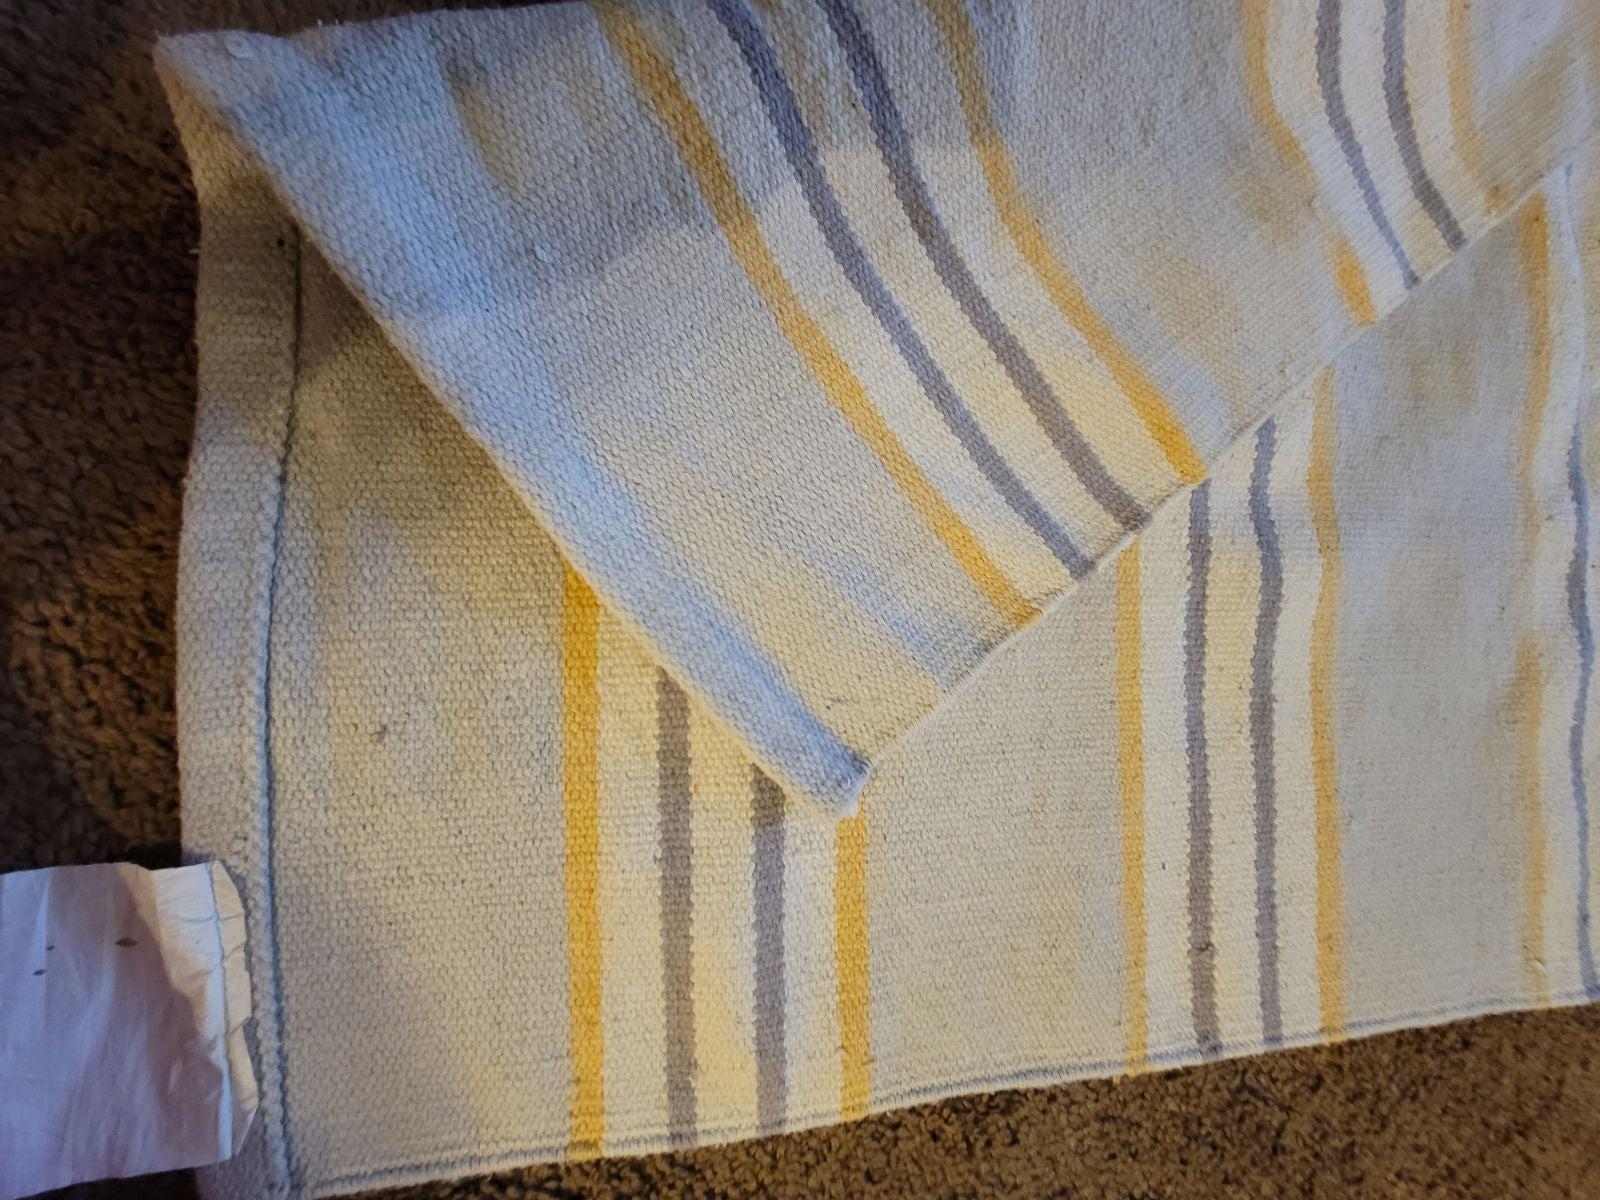 Gray and yellow rug